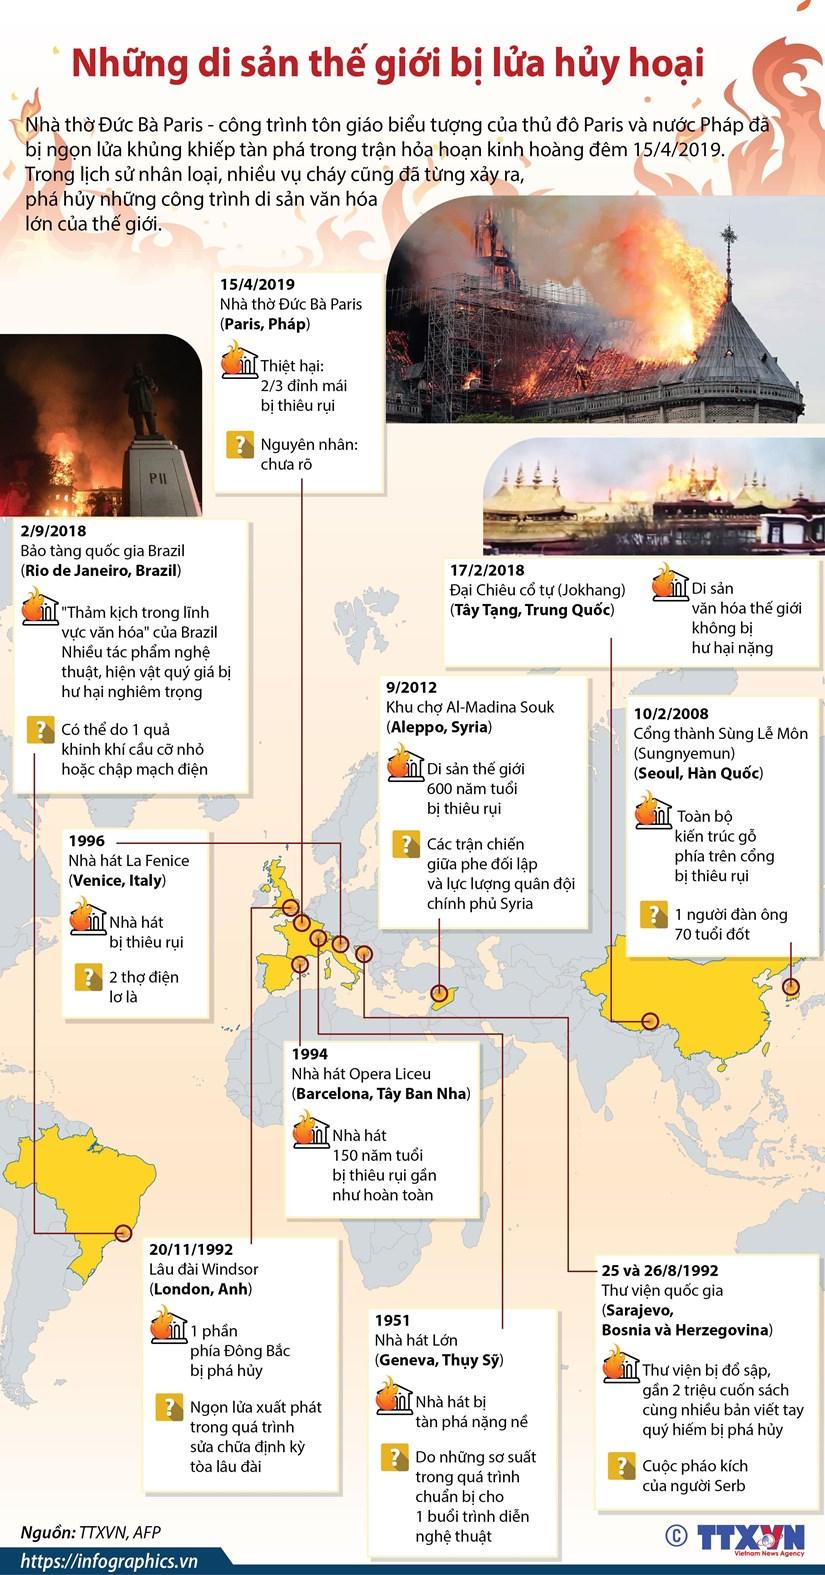 [Infographics] Diem lai nhung di san the gioi bi lua huy hoai hinh anh 1